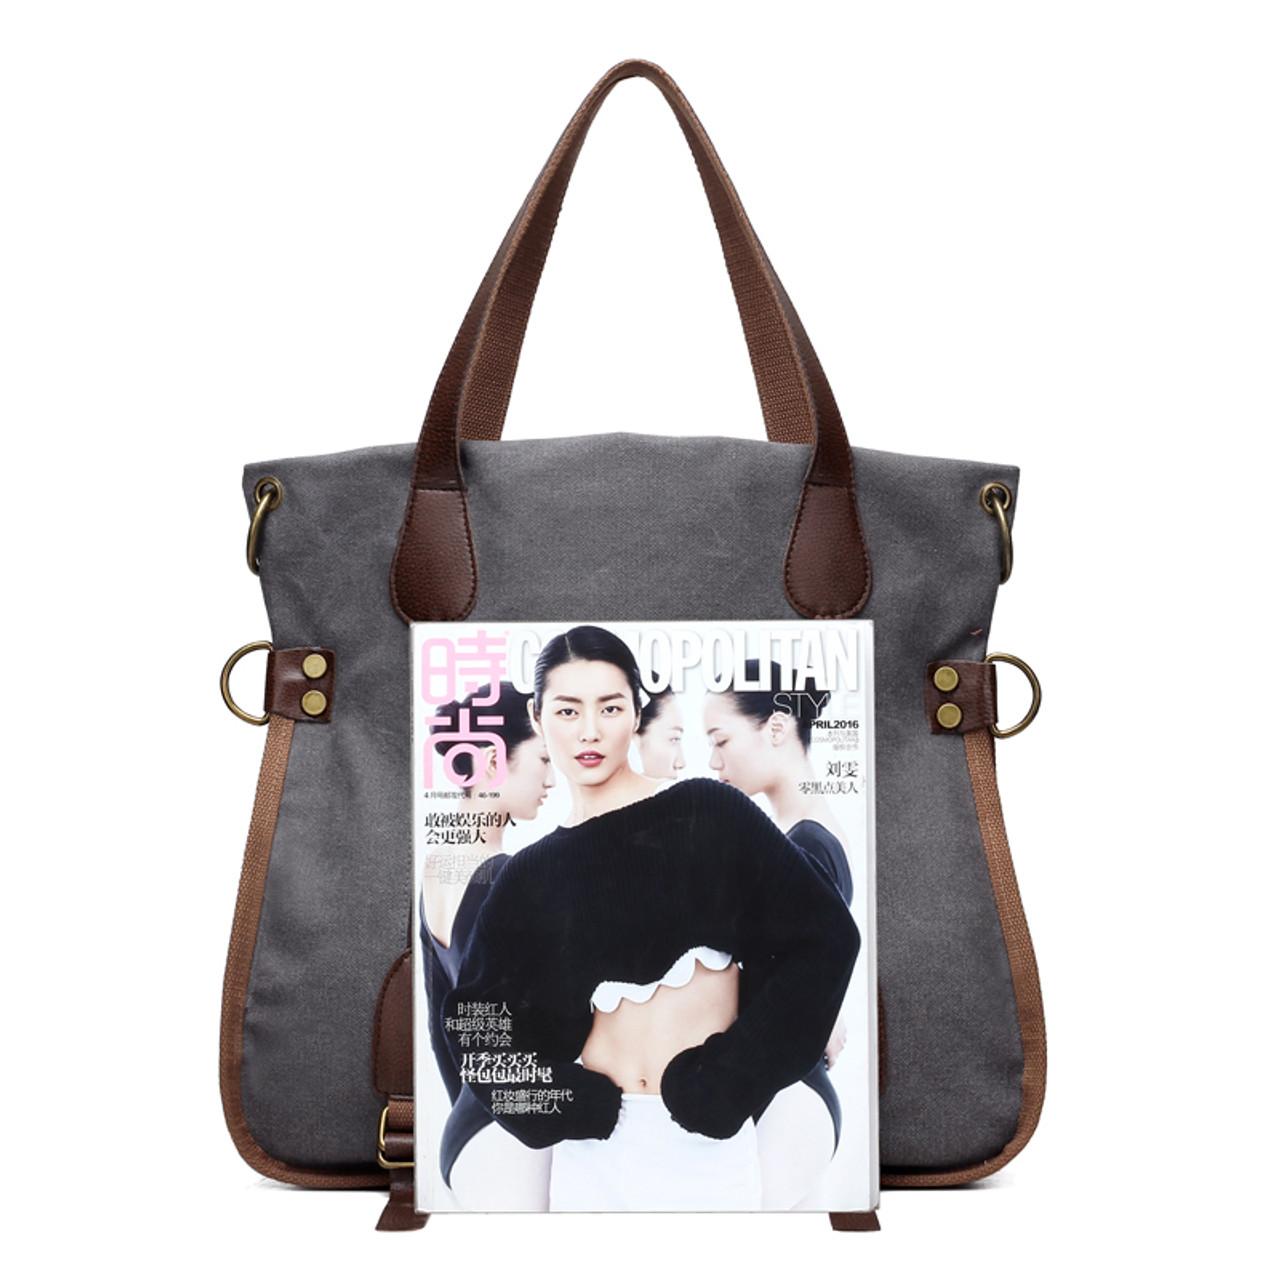 648be989e3 ... 2017 Fashion Big Women Canvas Bag Ladies Shoulder Bags Handbags Women  Famous Brands Large Captain Casual ...